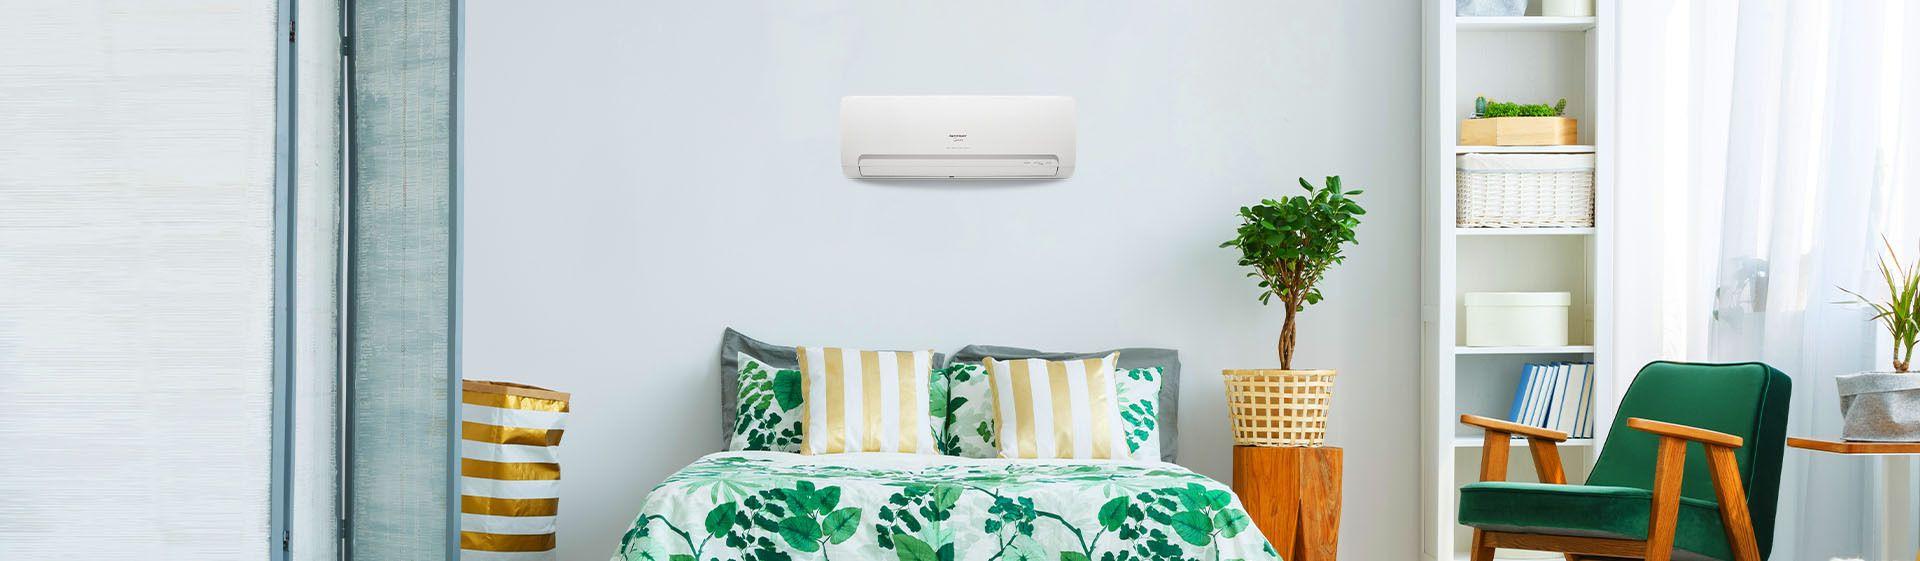 Melhor ar-condicionado em 2020: modelos split, de janela e portáteis estão presentes na lista